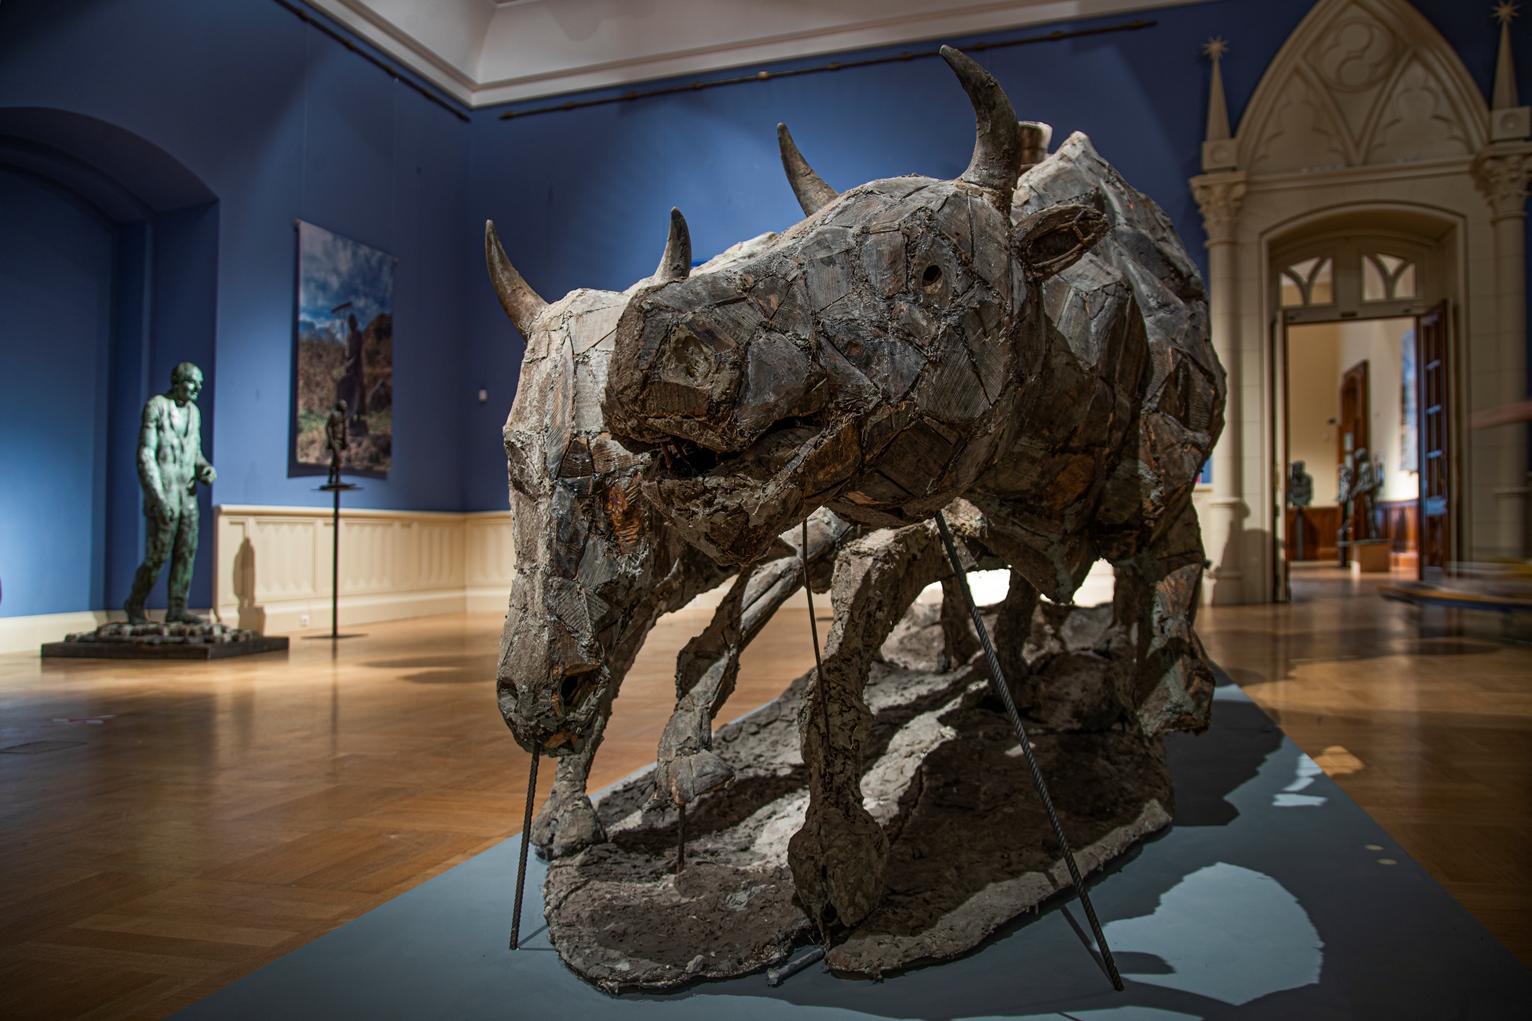 Онлайн-экскурсия работ скульптора Владимира Соскиева состоится в музее-заповеднике «Царицыно»